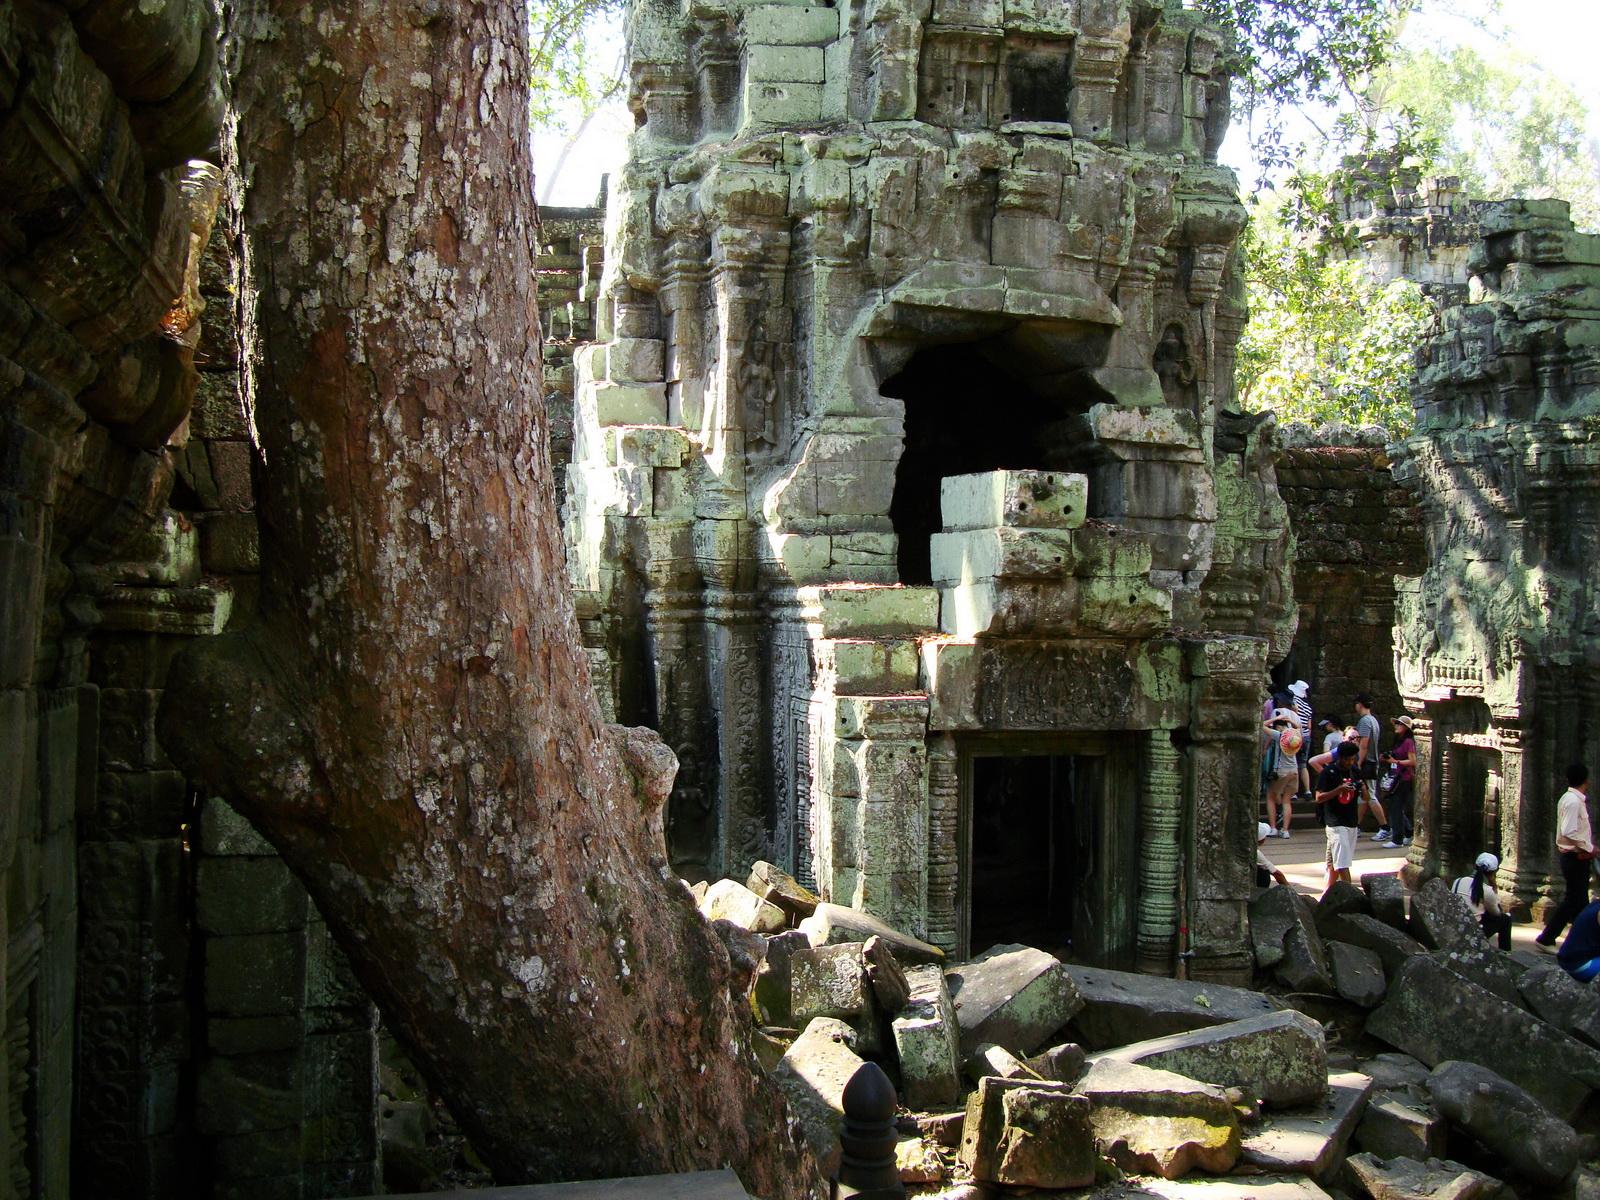 Ta Prohm Tomb Raider Bayon architecture central sanctuary area 19